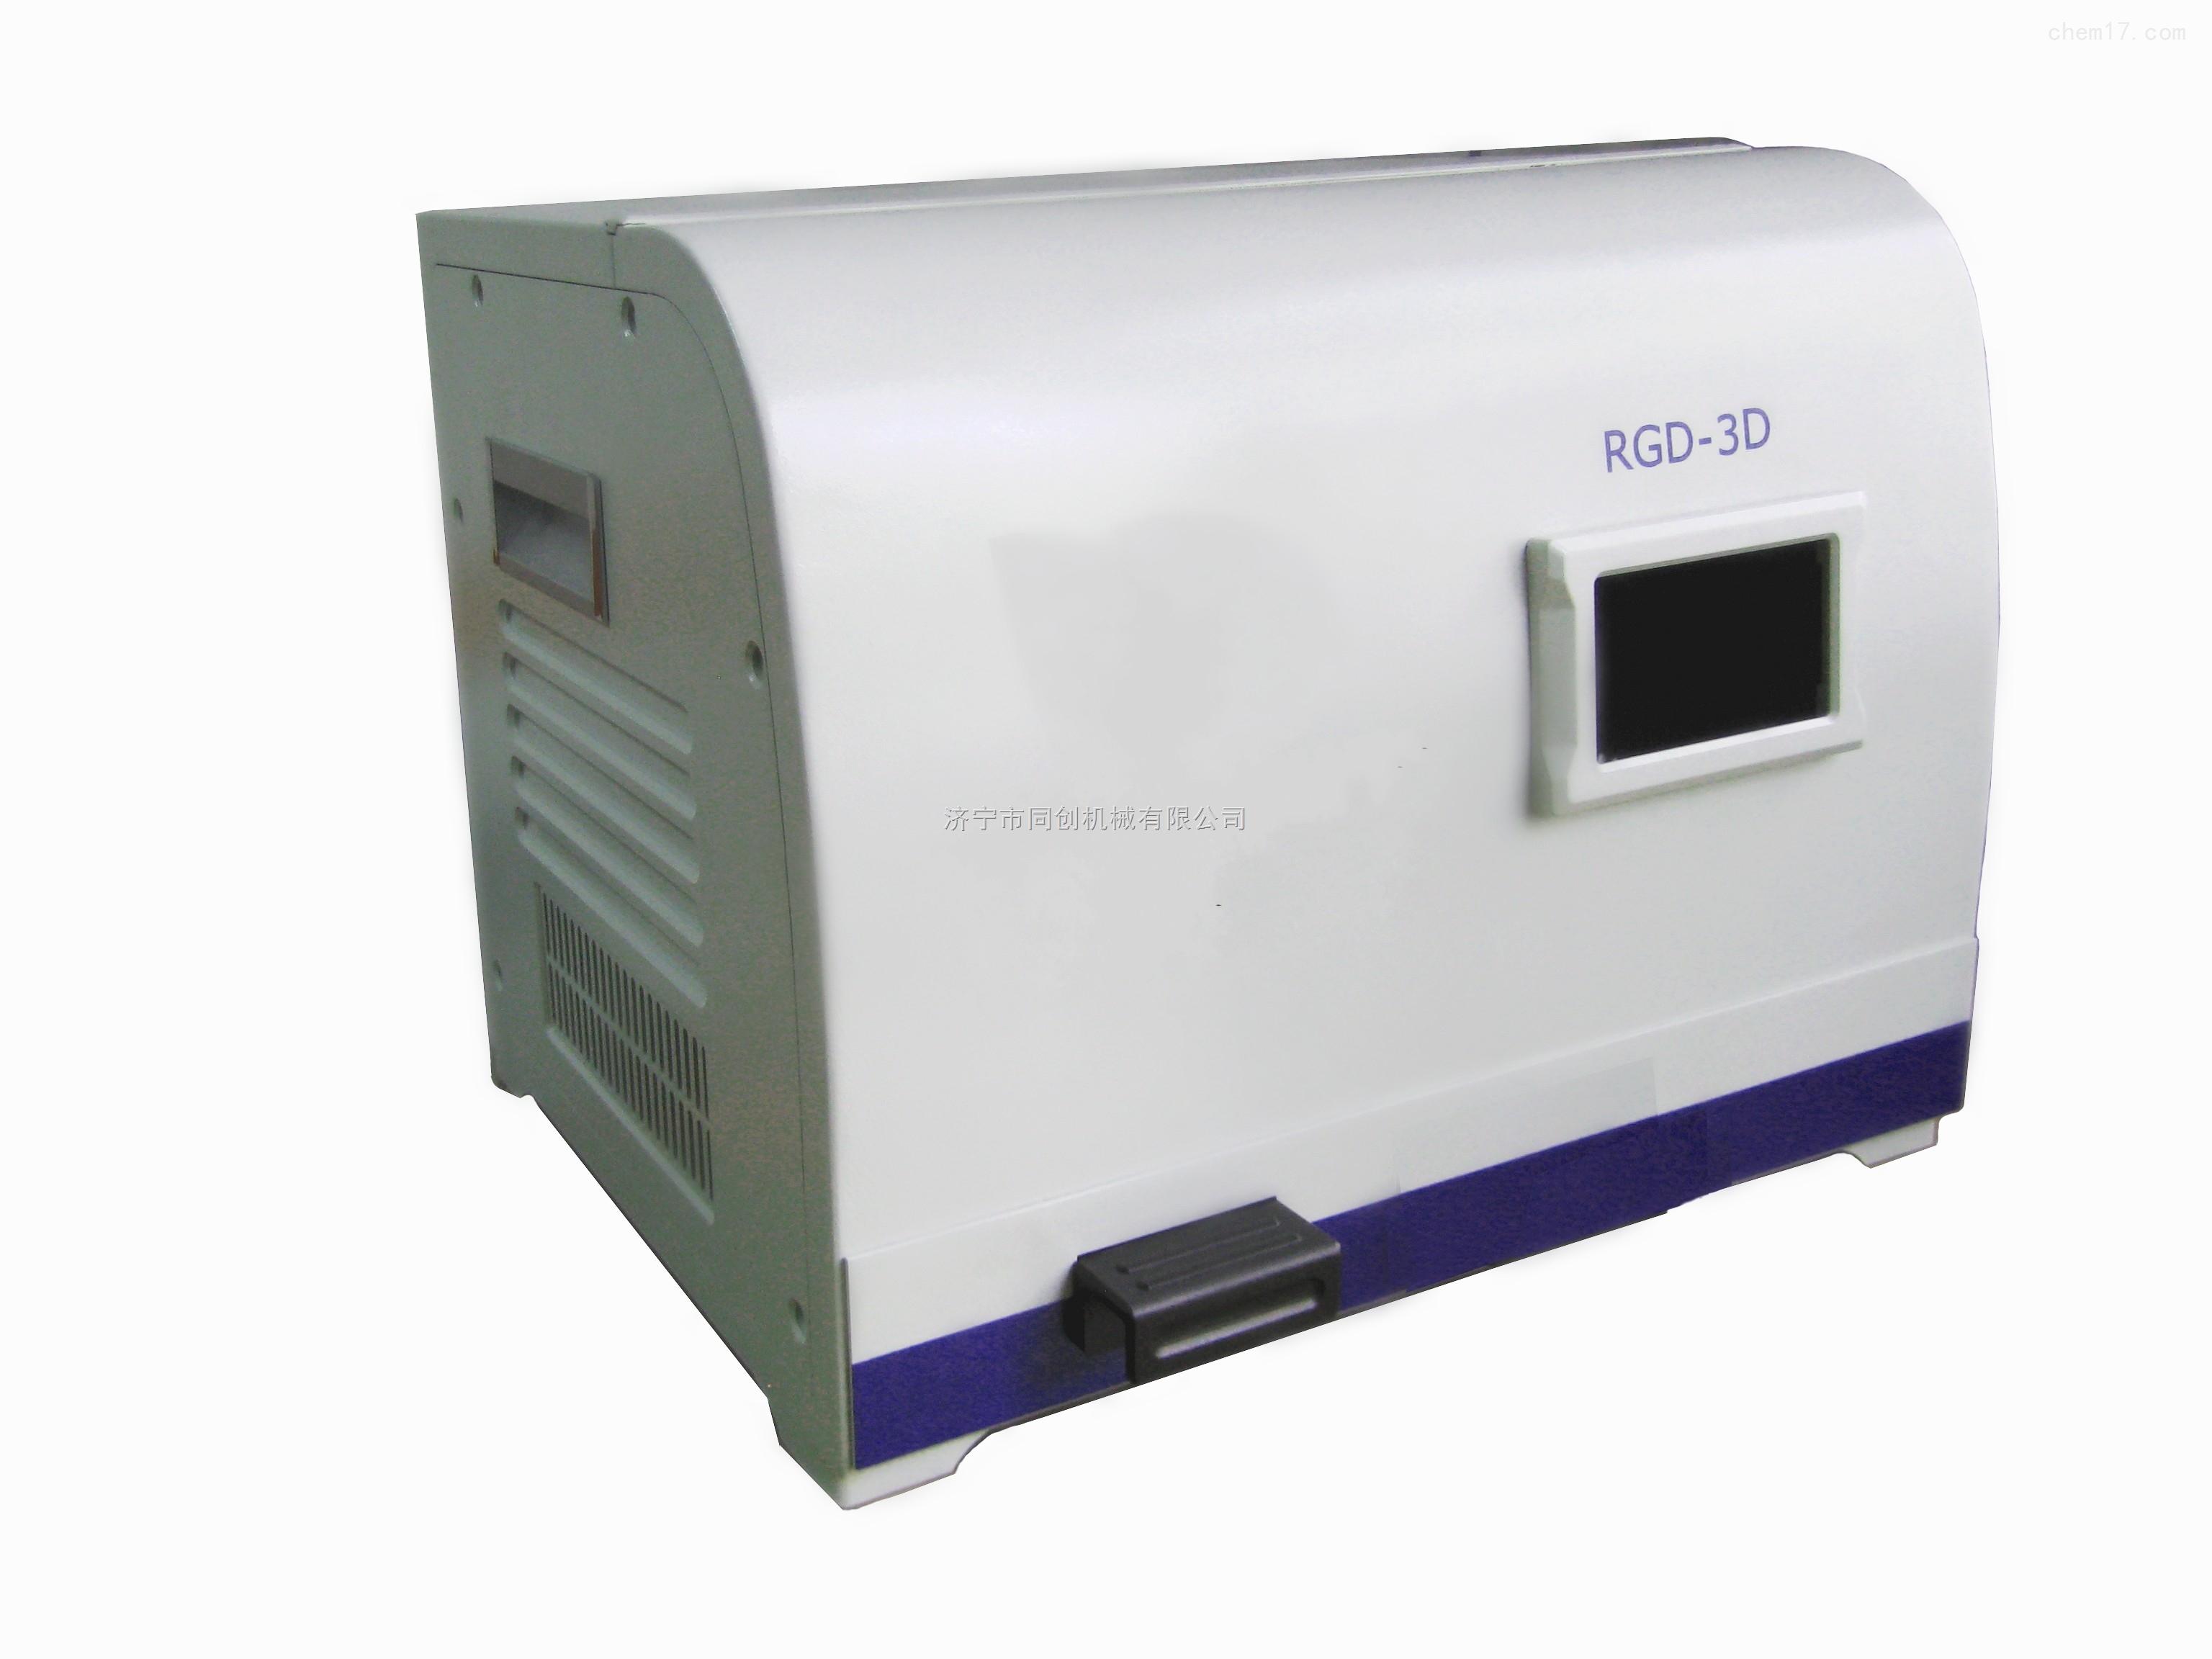 rgd3d热释光剂量仪_济宁市同创机械有限公司